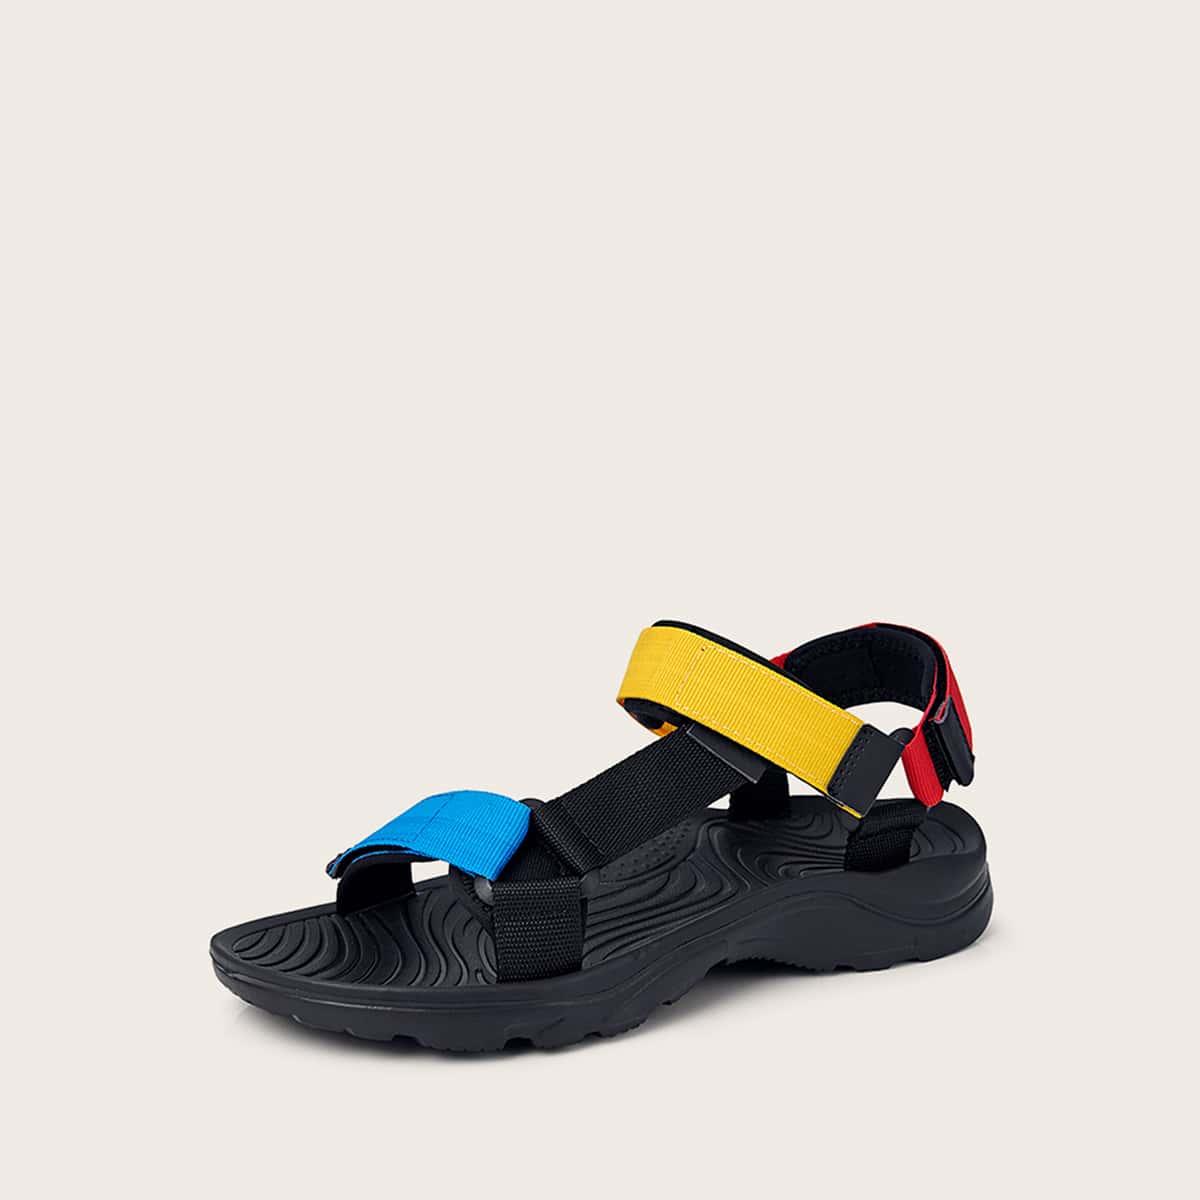 Colorblock sandalen met klittenband voor heren